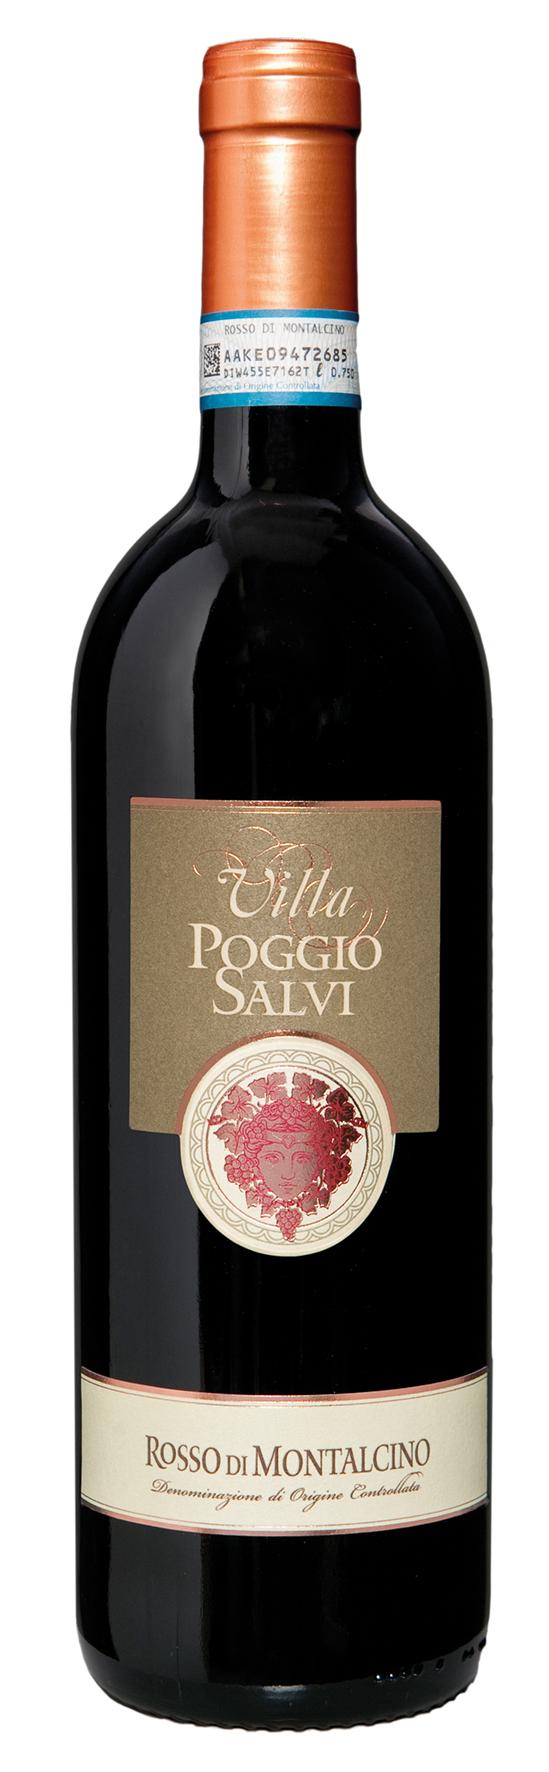 Rosso di Montalcino DOC - Villa Poggio Salvi 2012